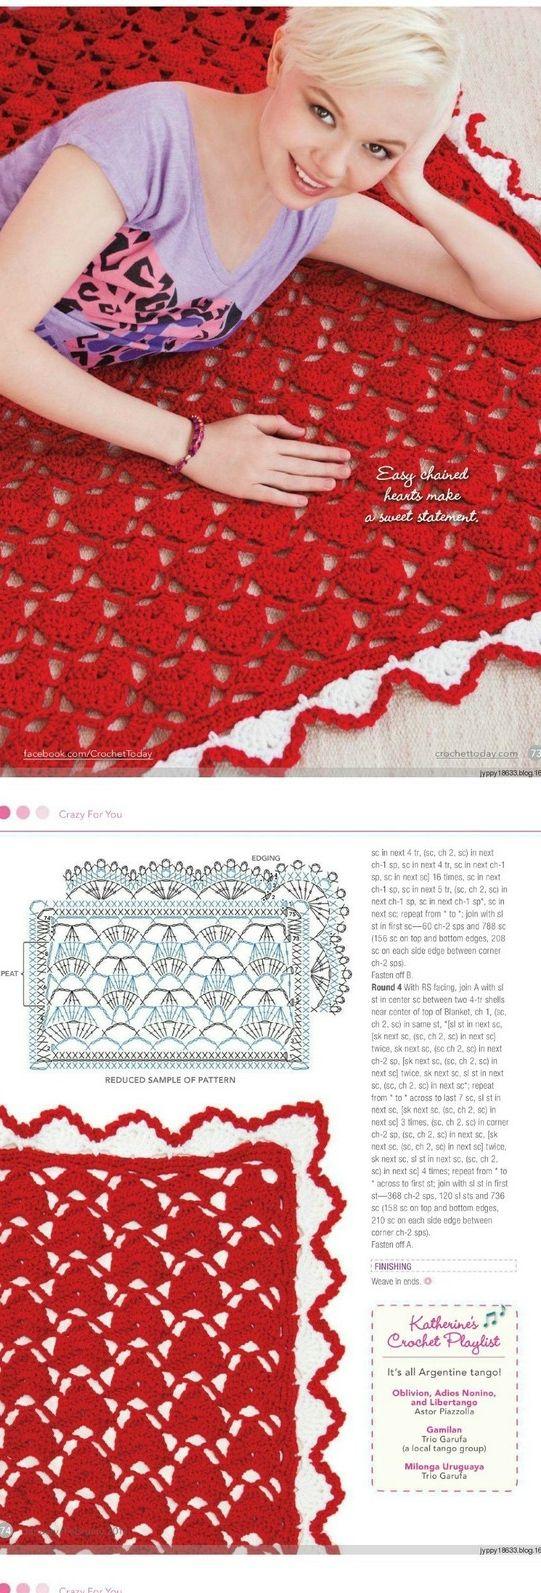 FIFIA CROCHETA blog de crochê : manta de crochê com gráfico